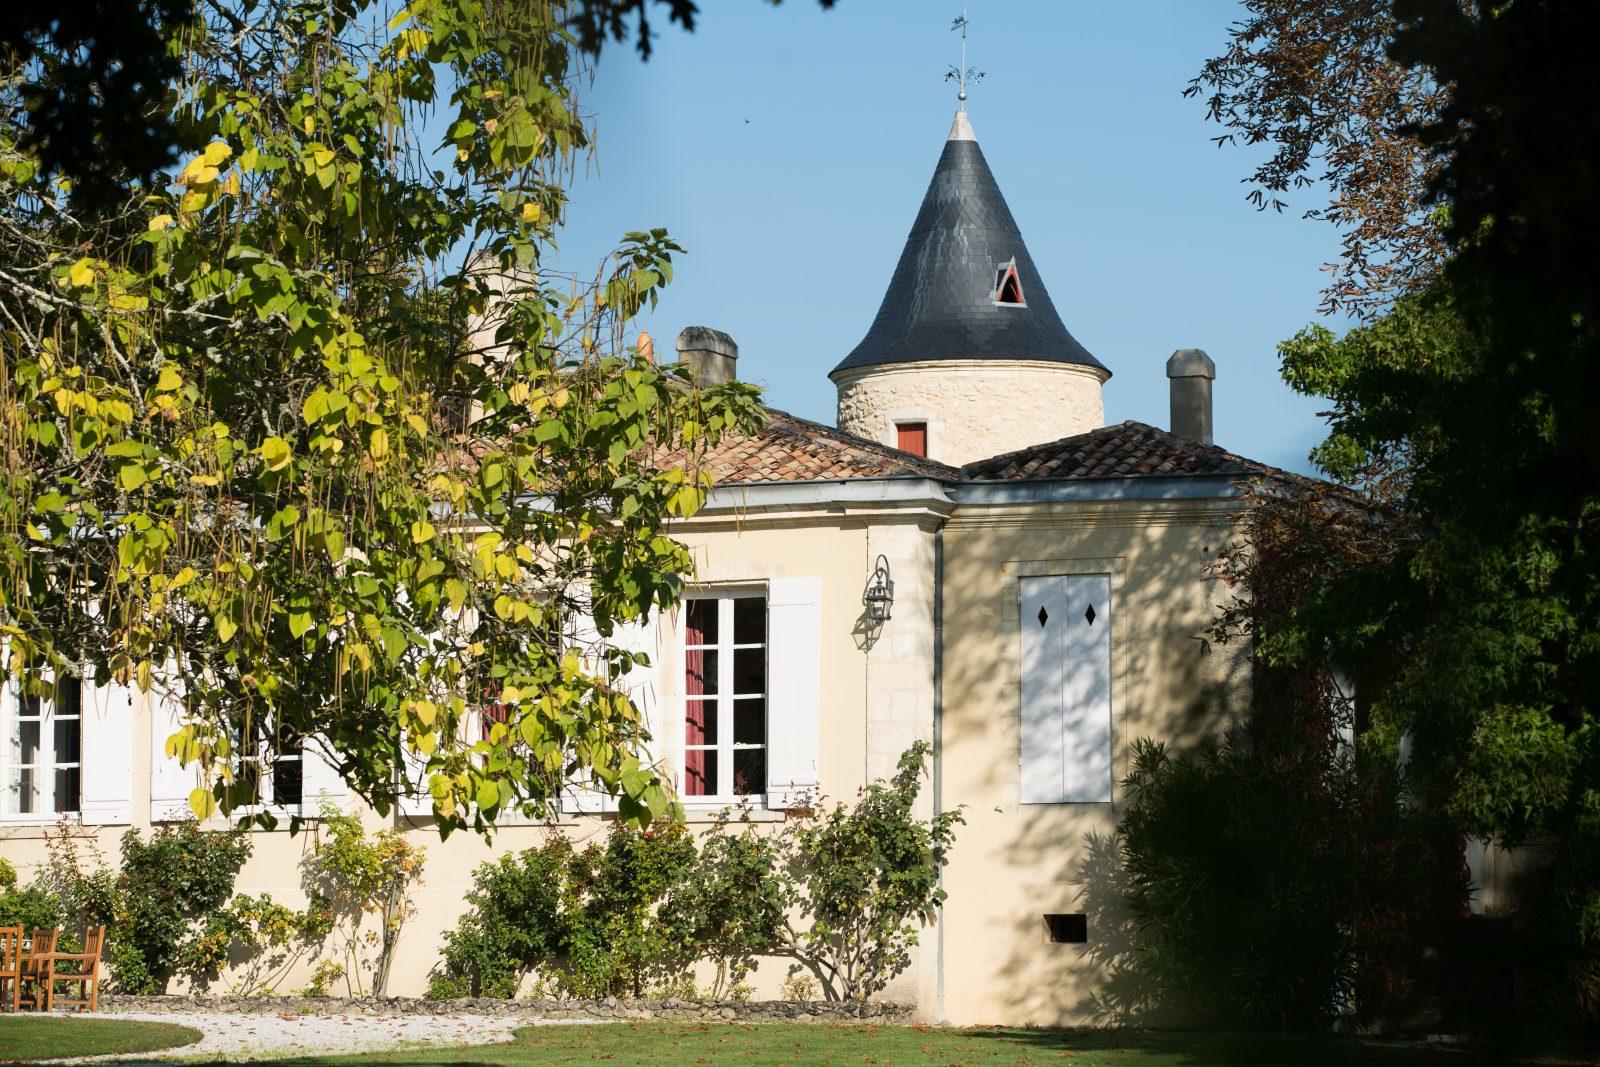 Chateau-Latour-Martillac-2—OTM-2020